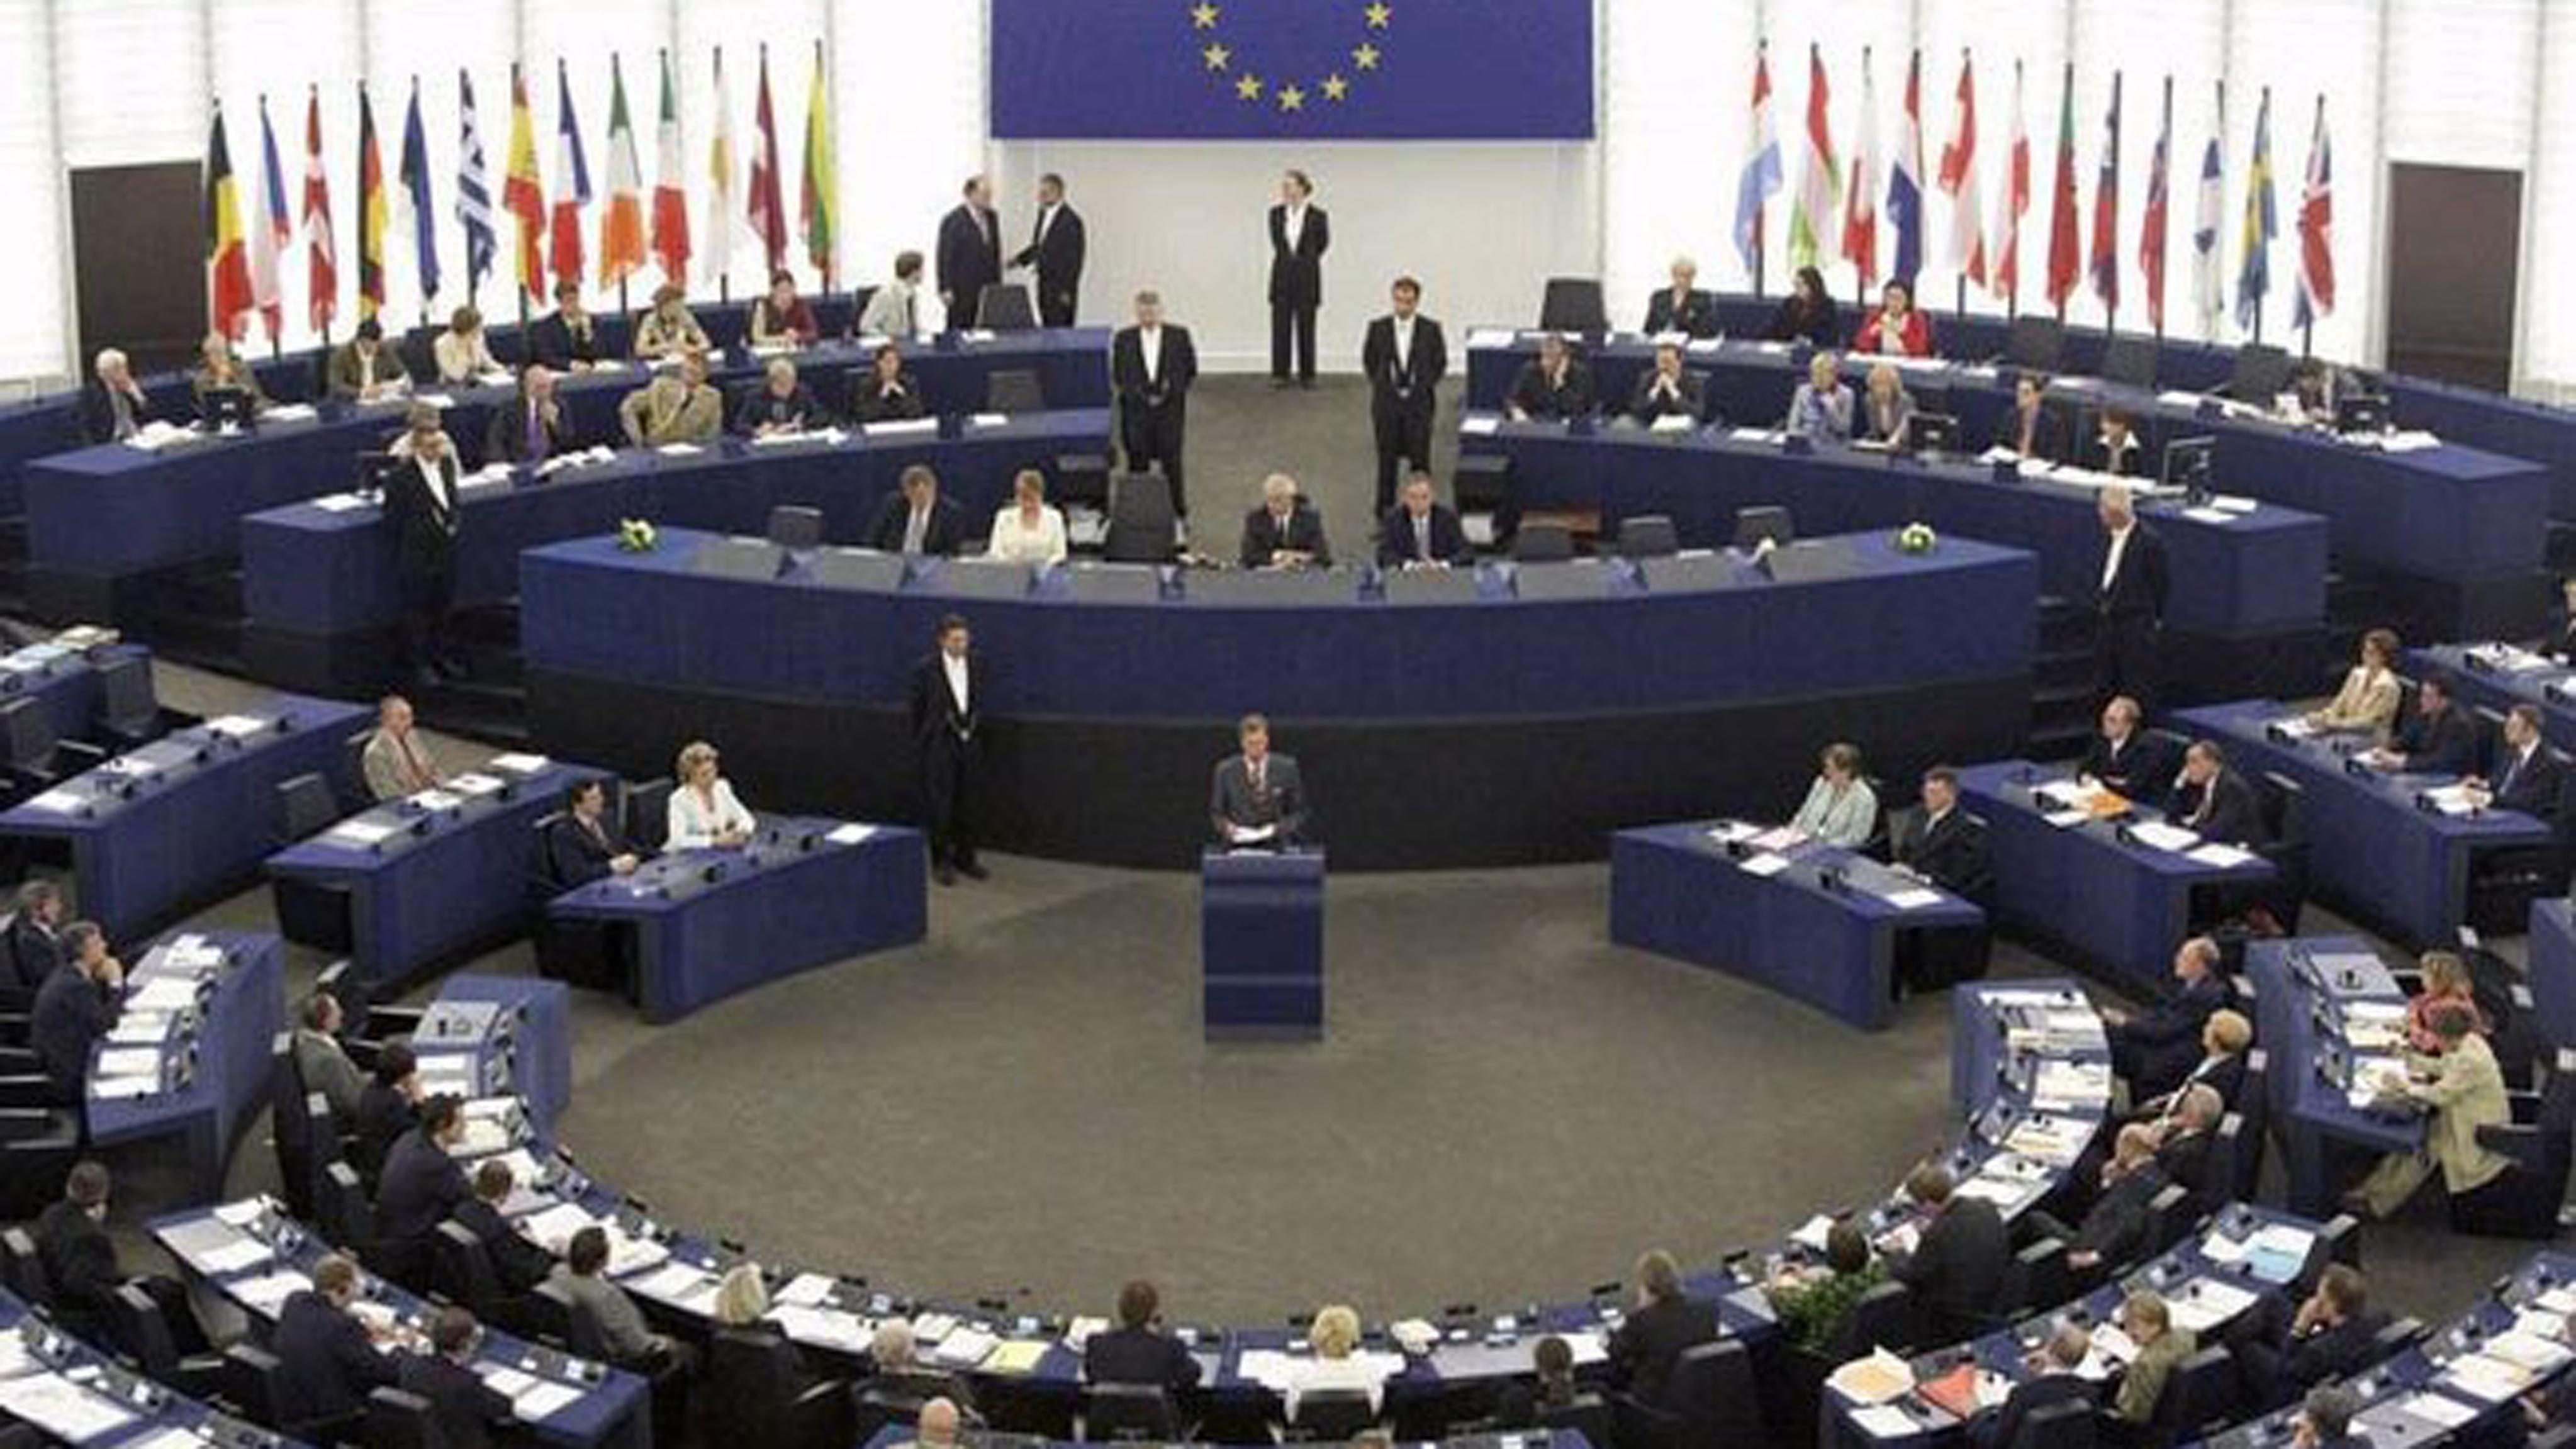 Европарламент одобрил повышение квот наряд сельхозтоваров из государства Украины